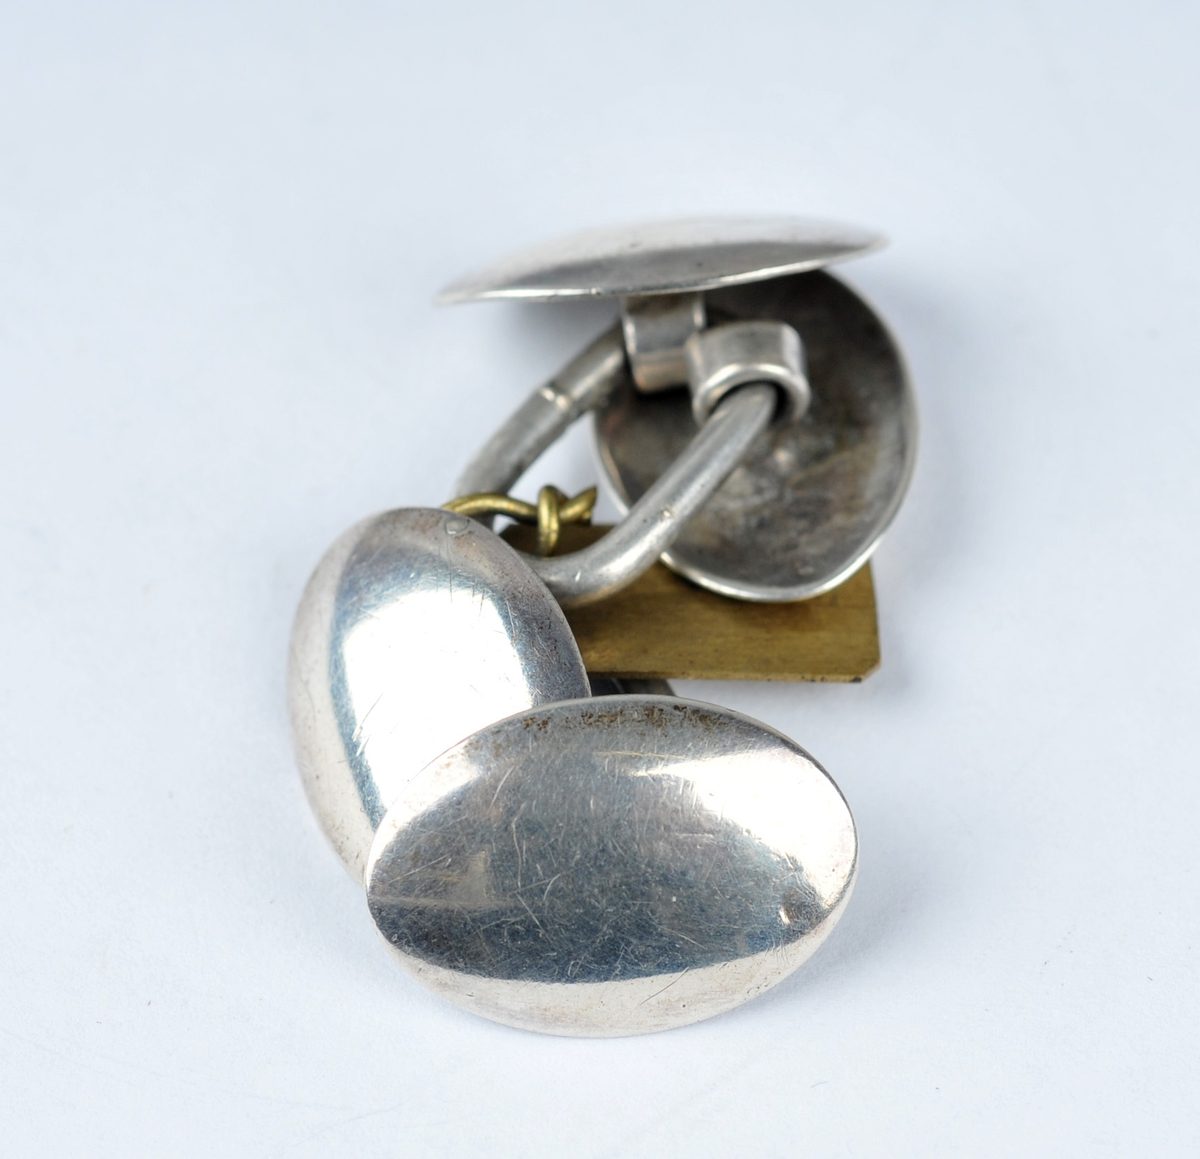 Kvar mansjettknapp har to ovale, slette knappar bundne saman av lekkje.